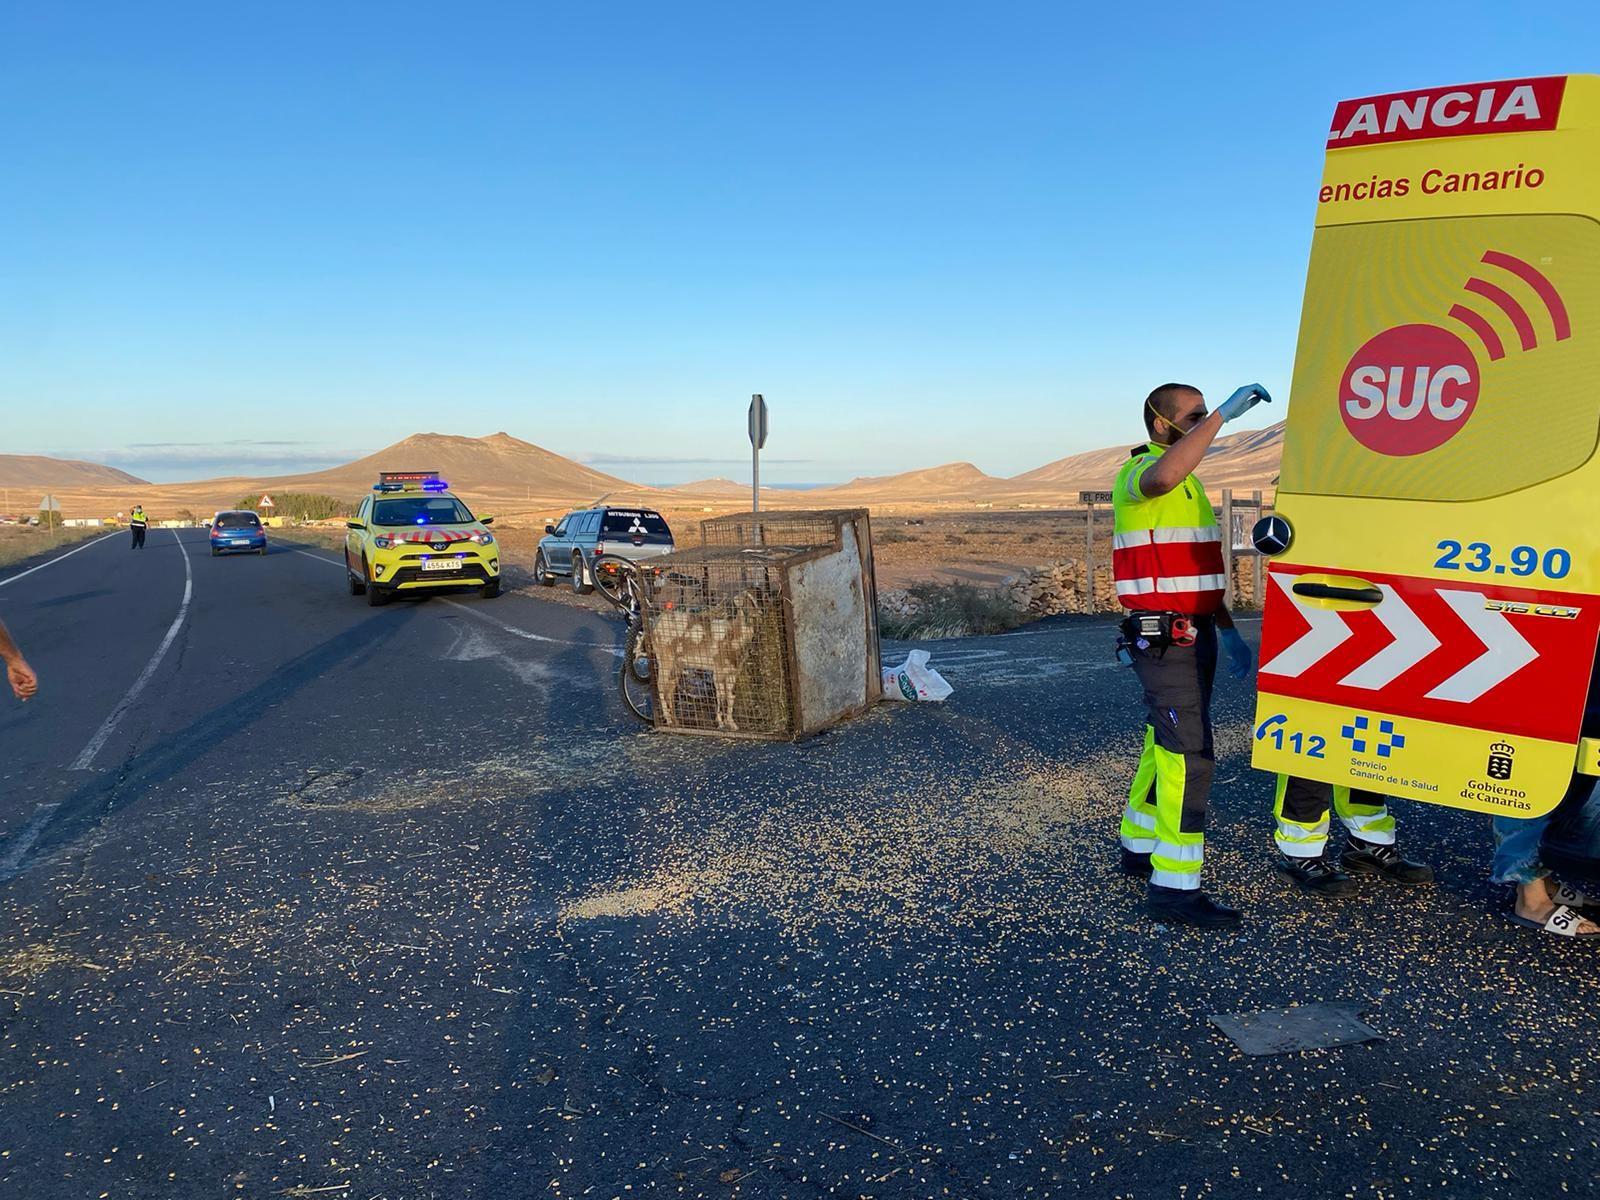 Herido grave un niño de seis años en Fuerteventura